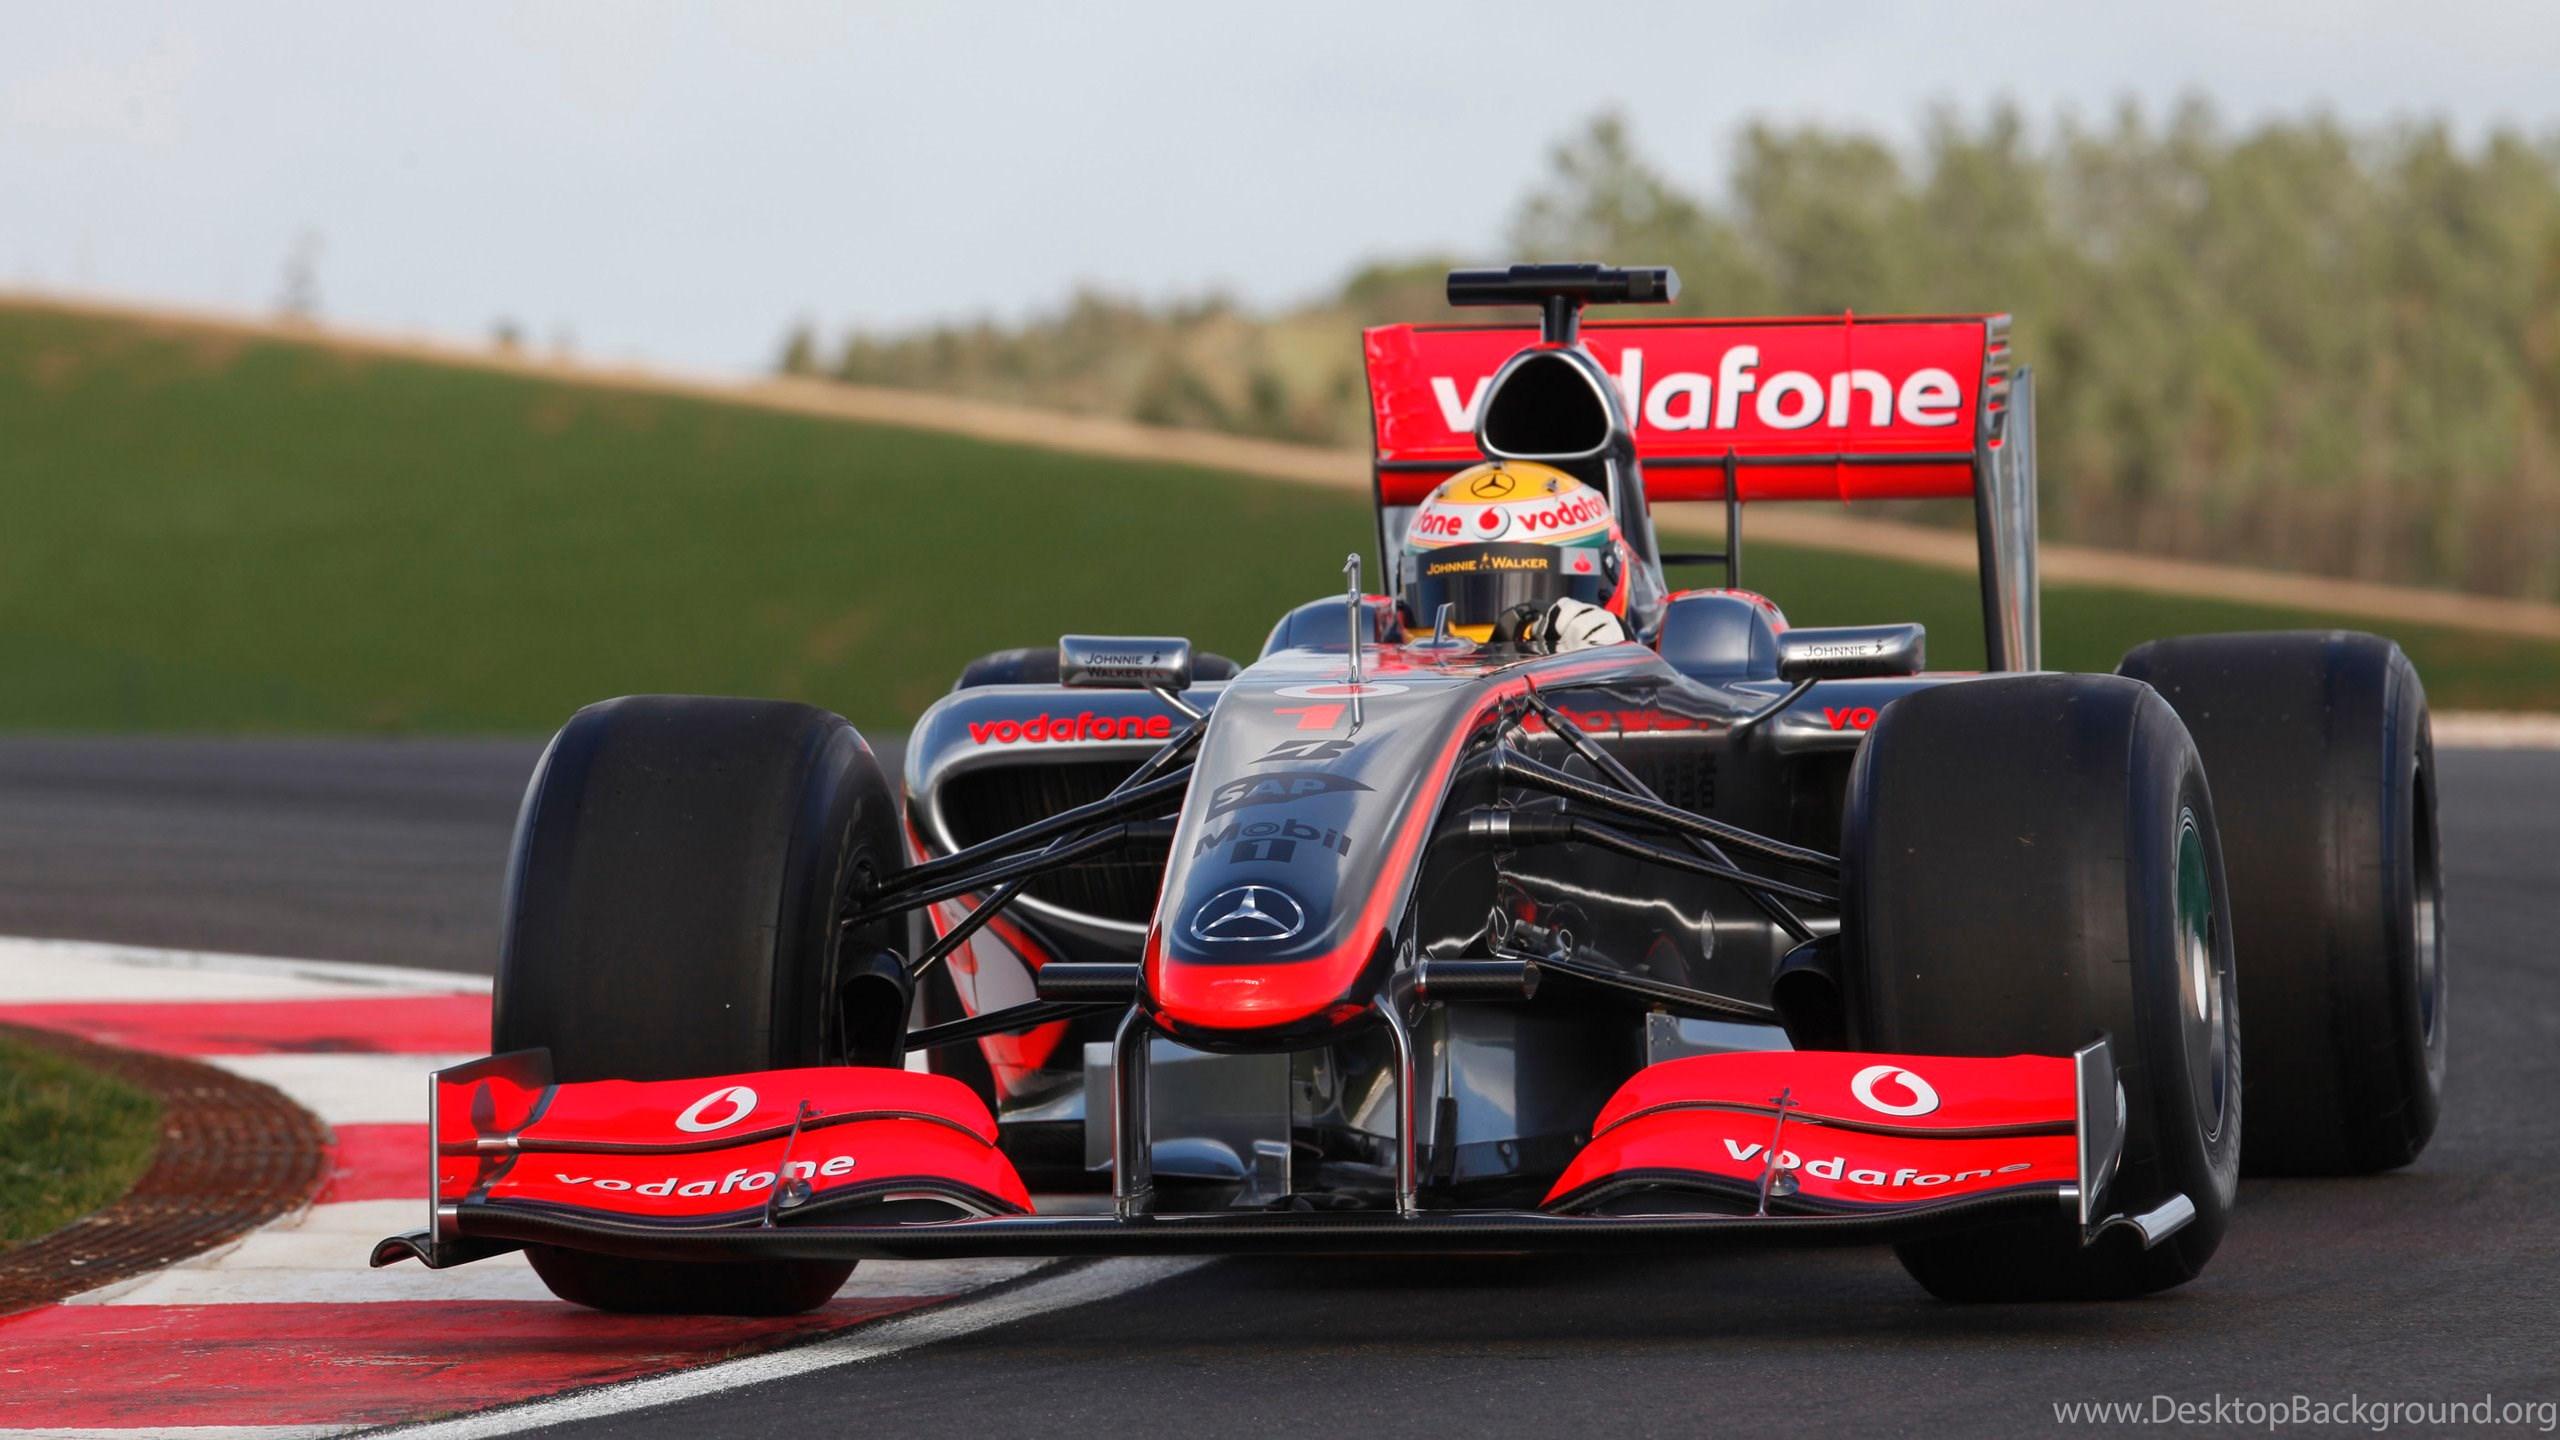 Mclaren F1 Racing Car F1 Mclaren Wallpapers Hd Johnywheels Desktop Background